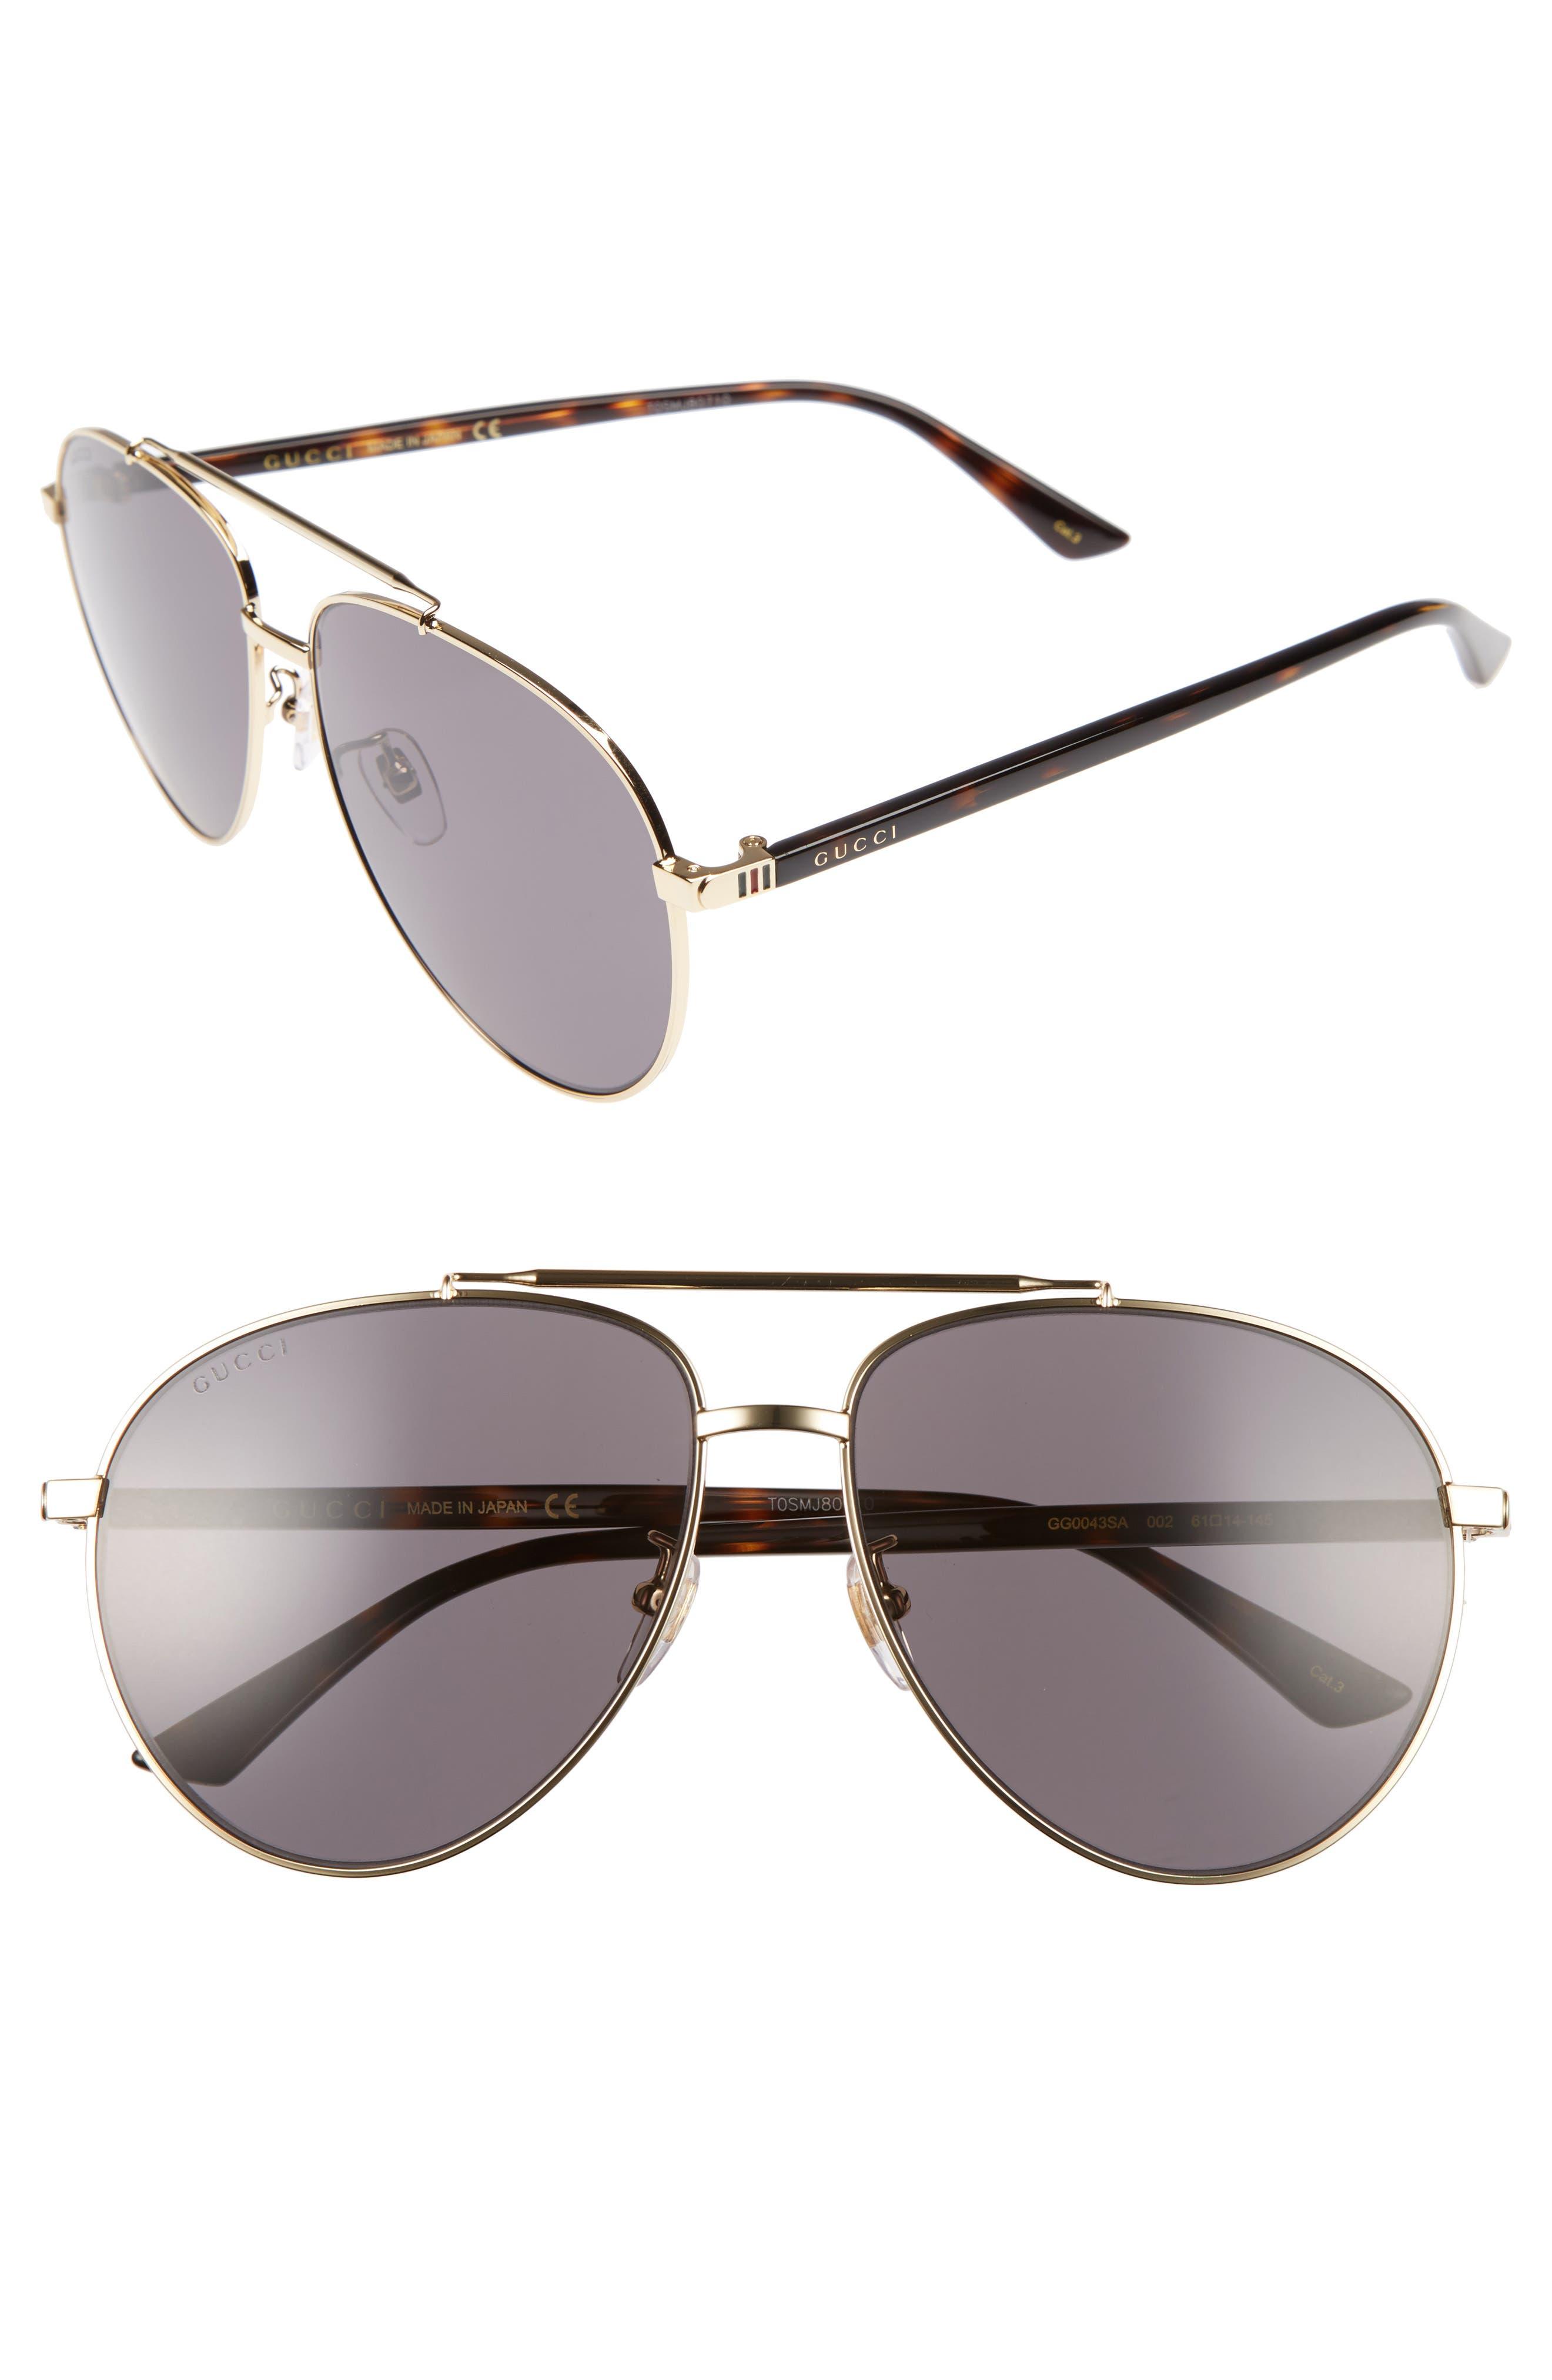 Gucci Retro Web 61mm Aviator Sunglasses